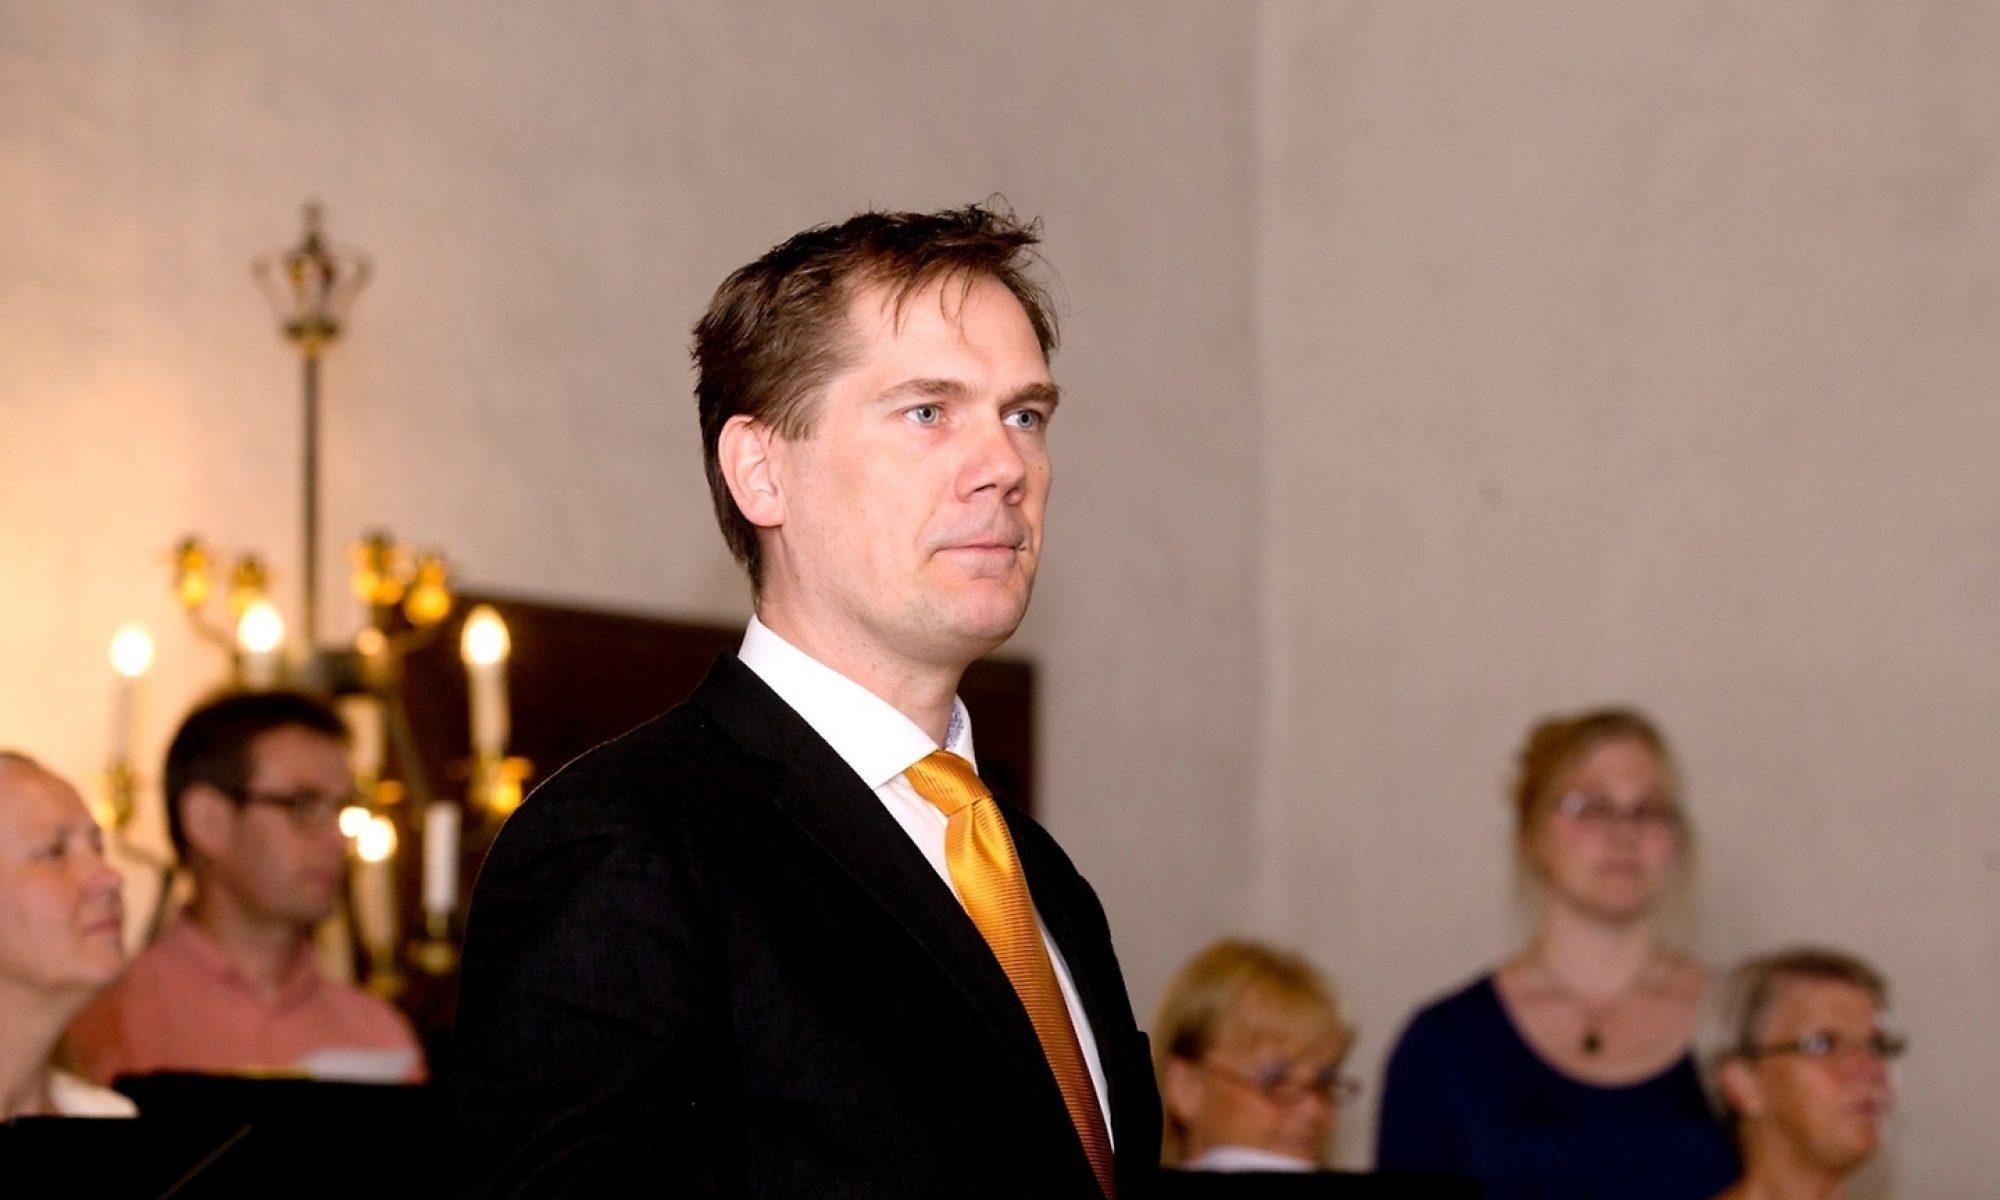 Fredrik Winberg